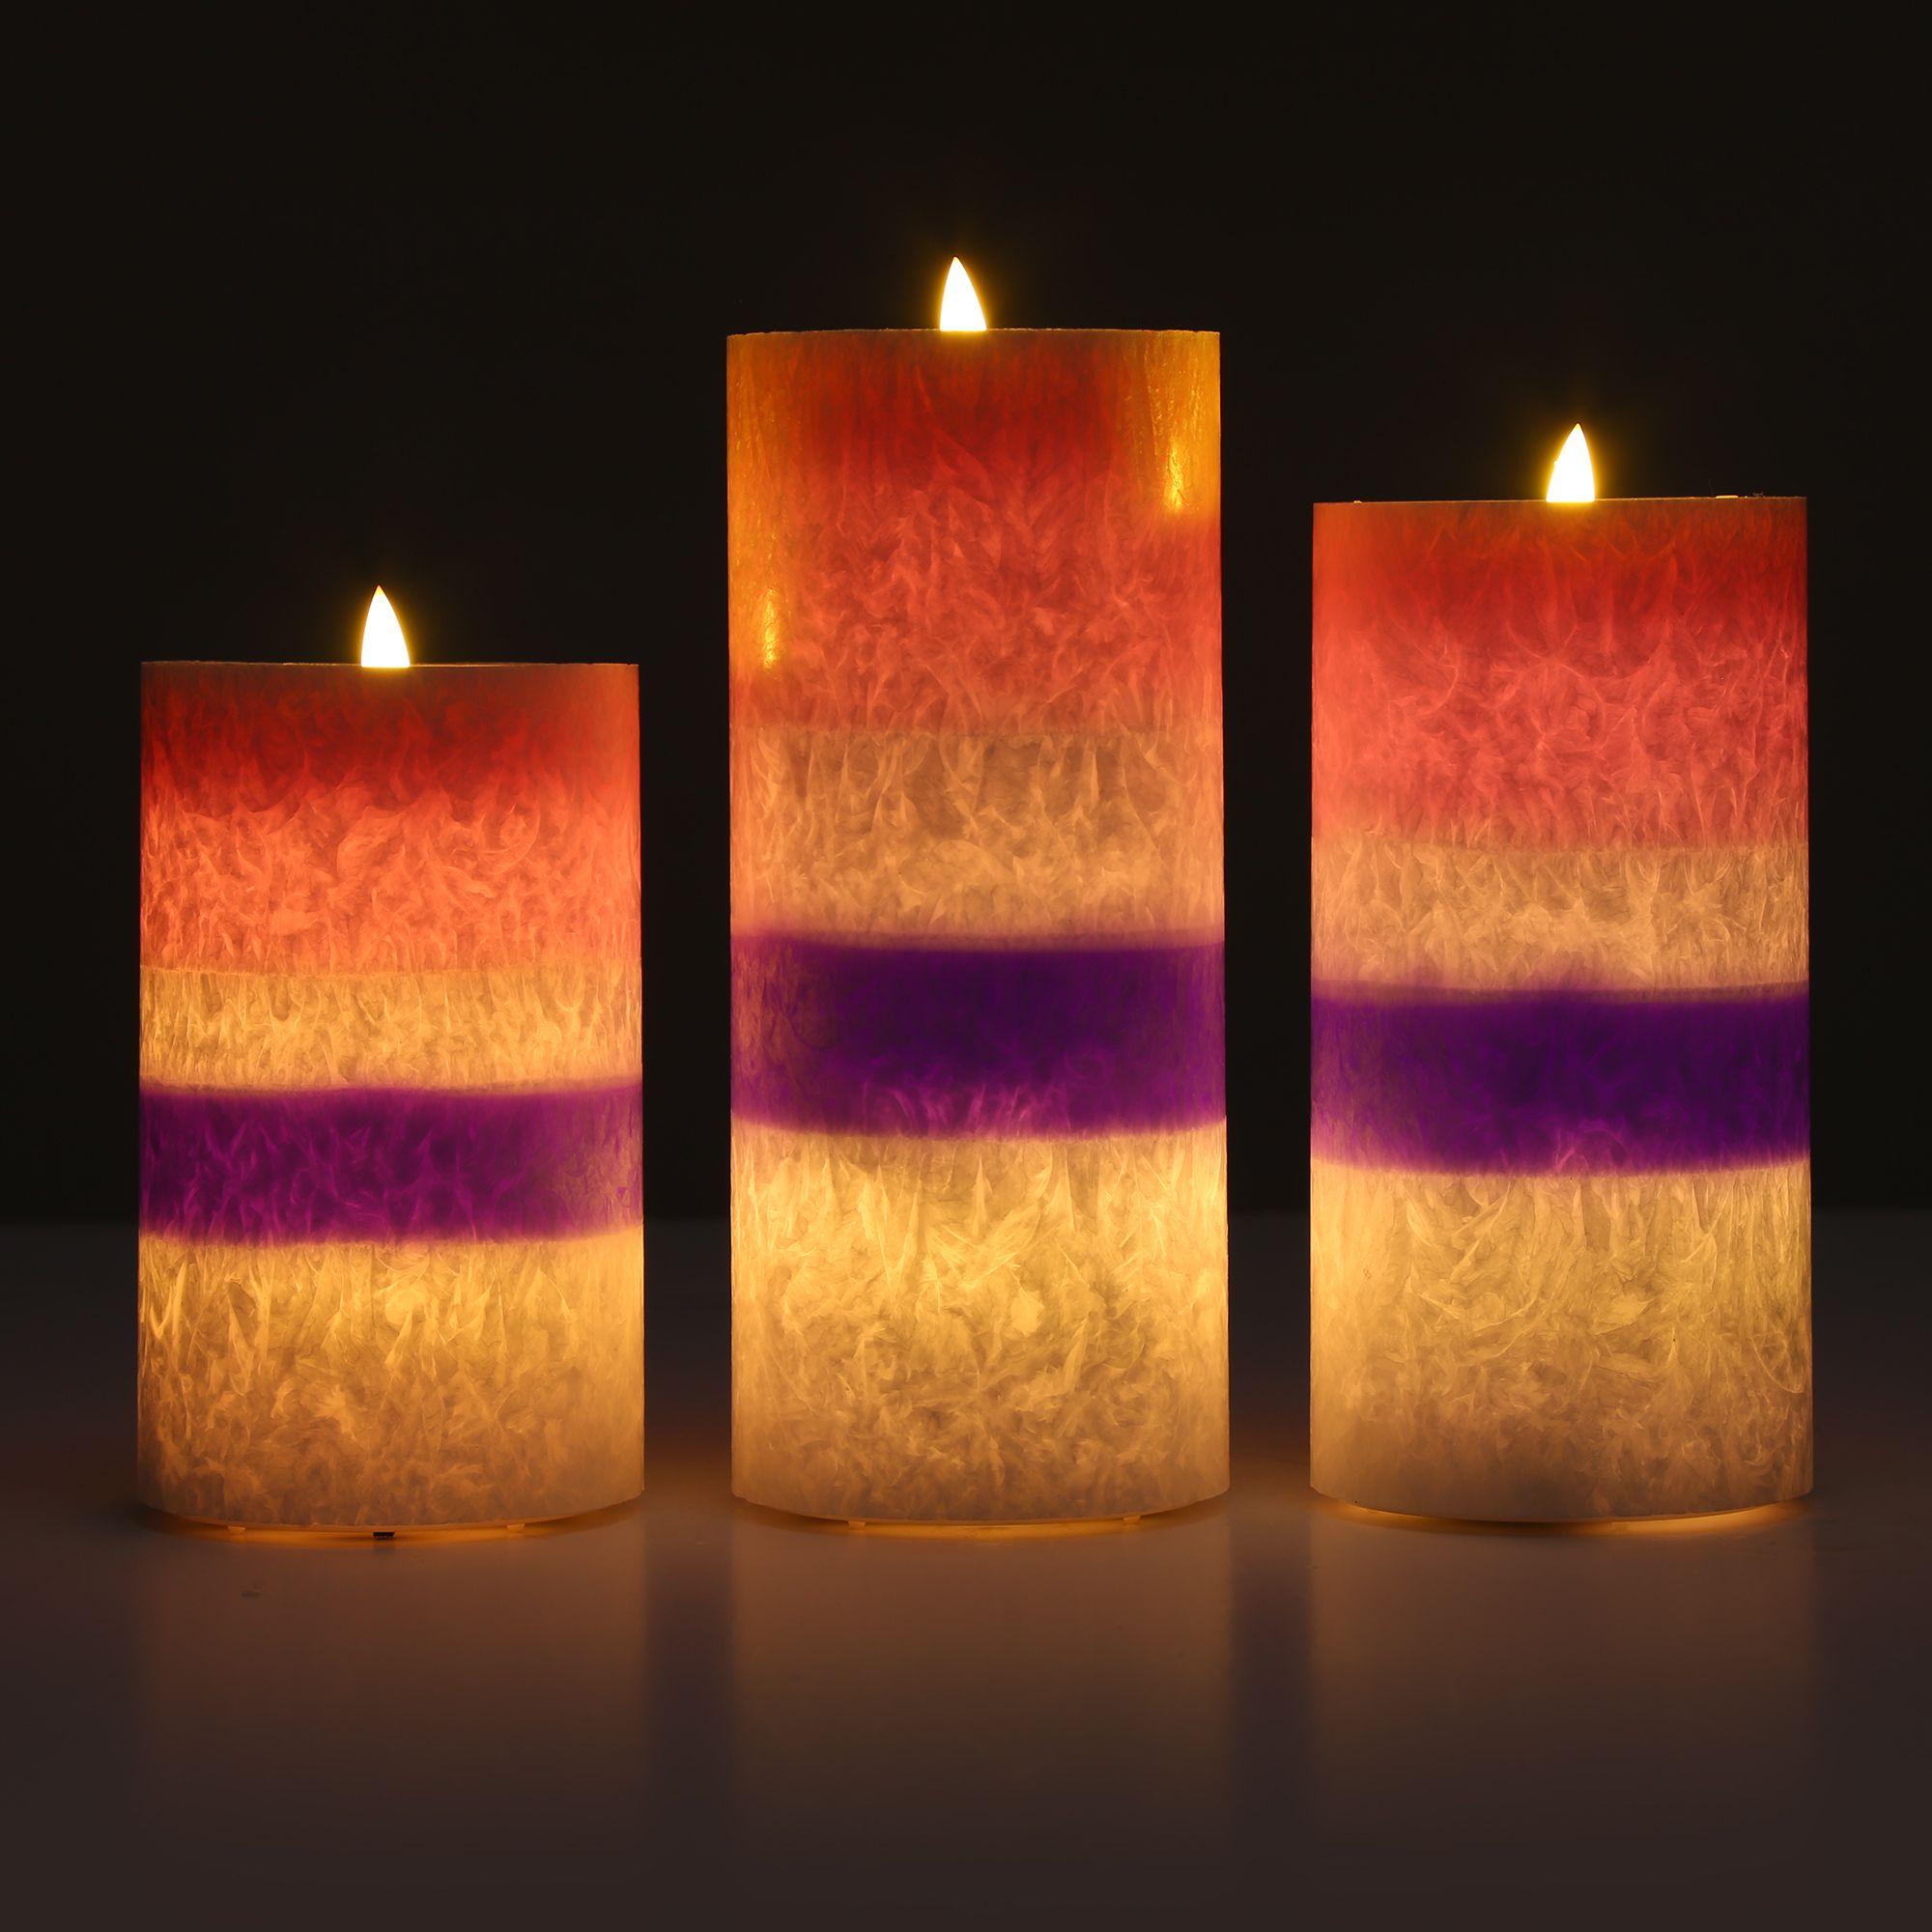 Luma Haus: ELAMBIA 3 Flammenlose Kerzen Macaron-Trendfarben Flamme